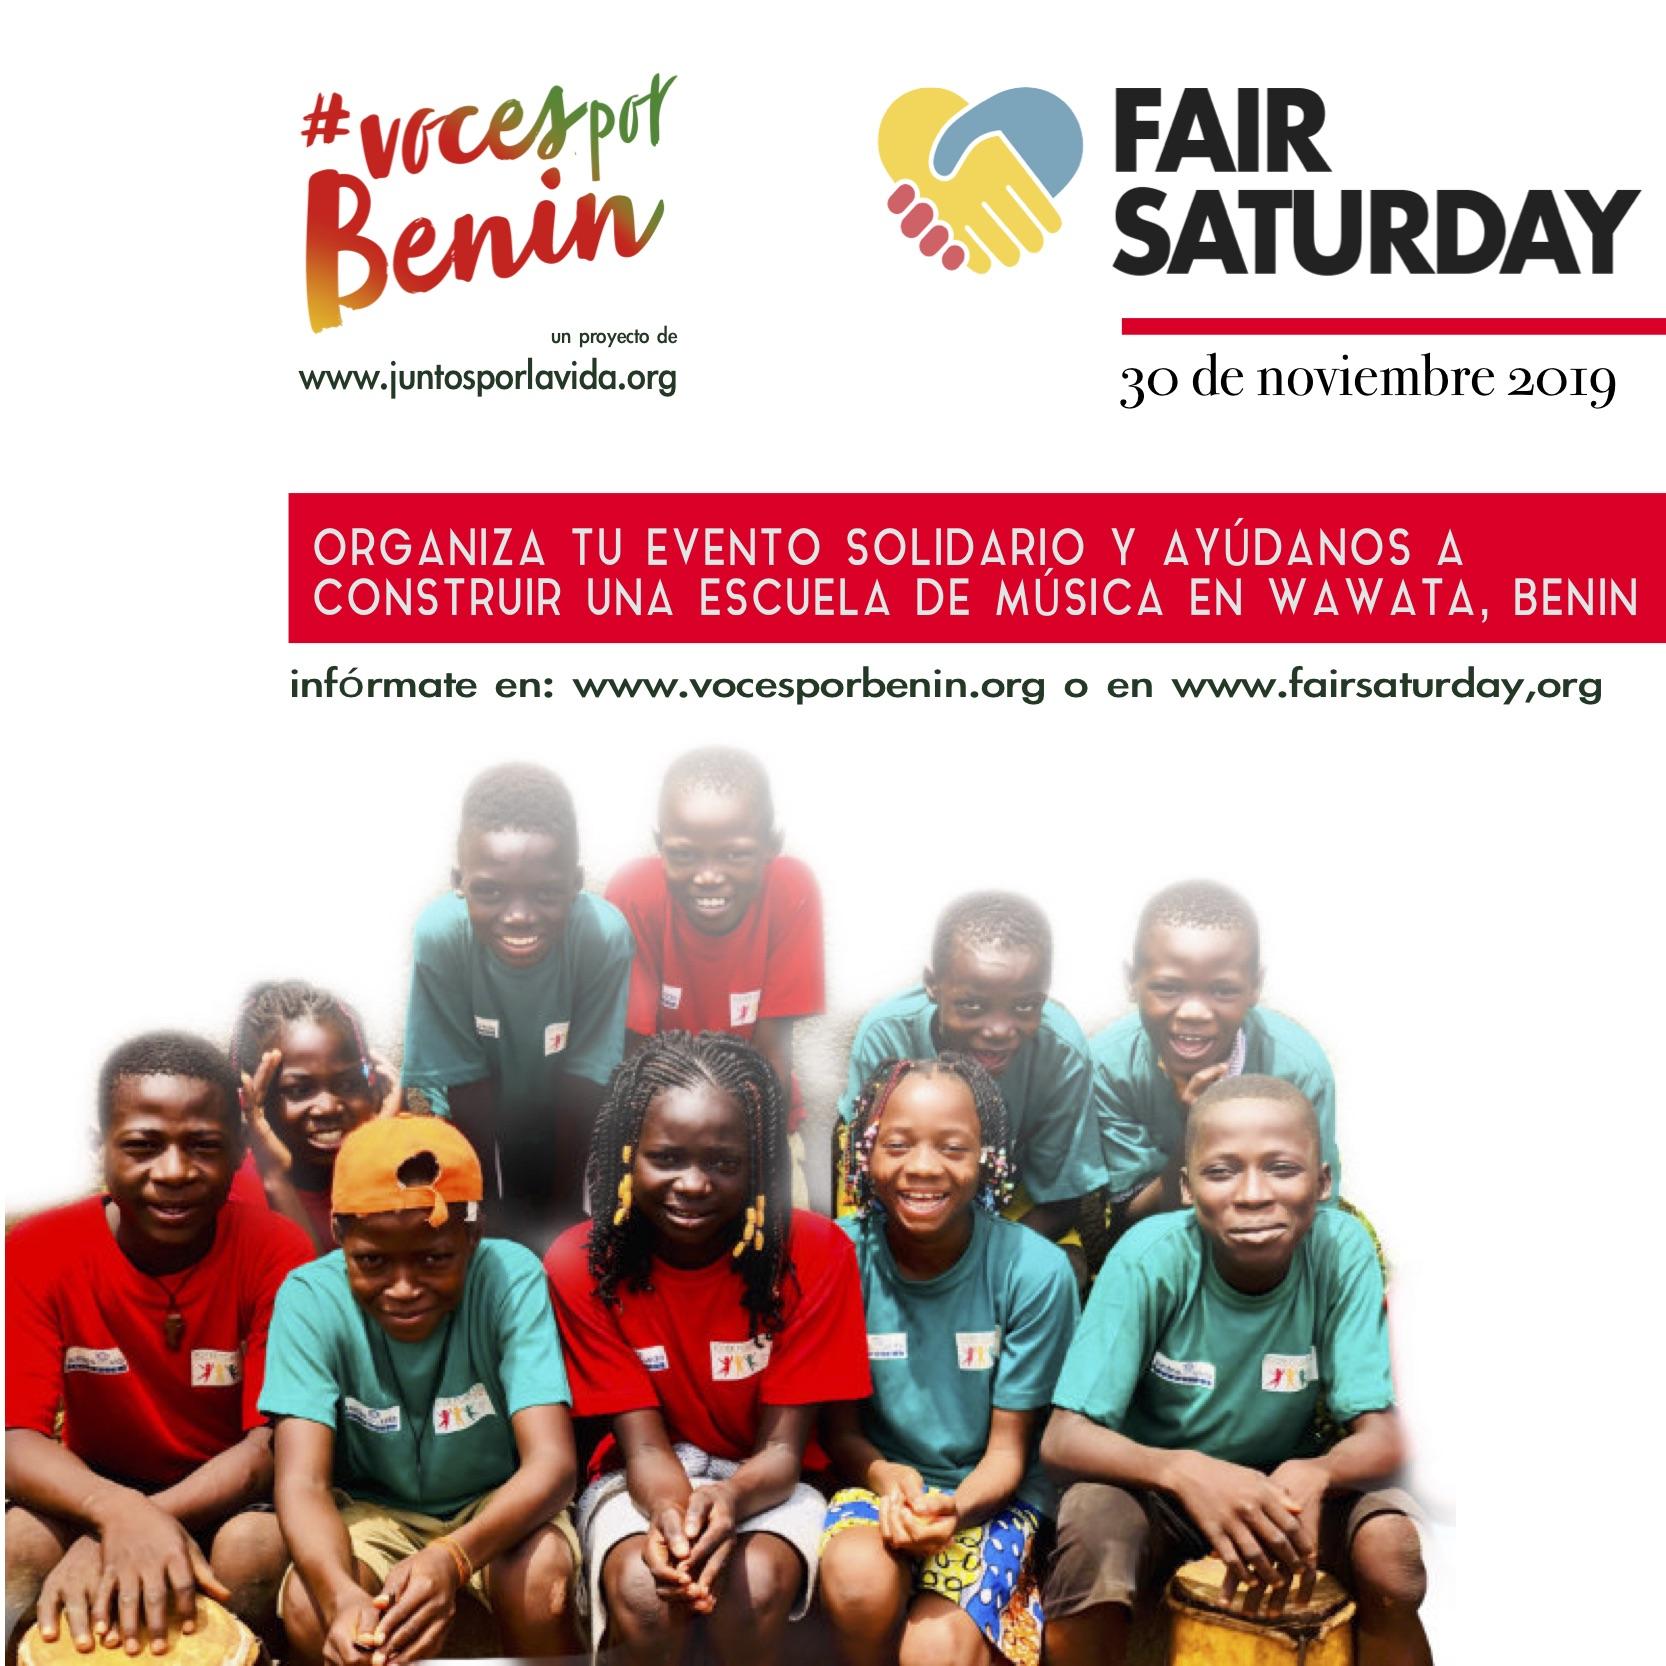 ÚNETE A NOSOTROS EN EL Fair Saturday!!